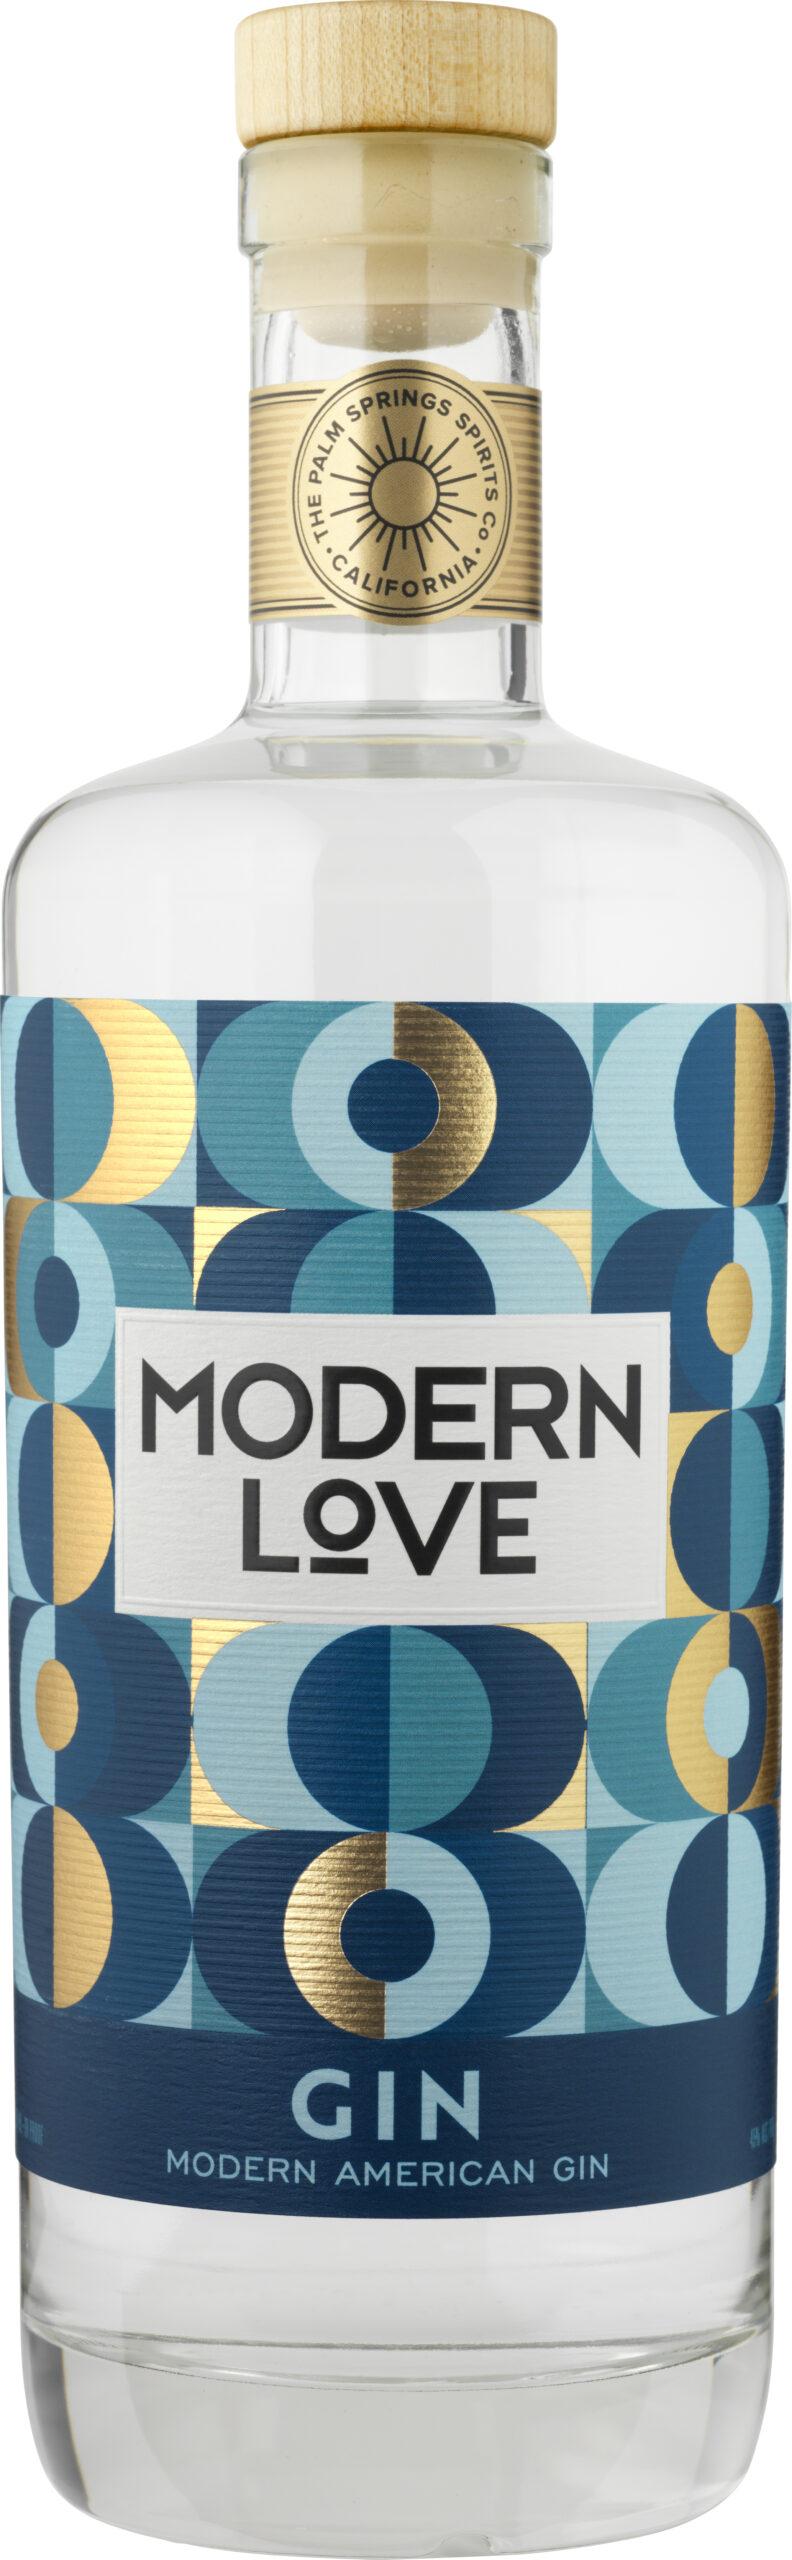 Modern_Love_Gin_so_FA